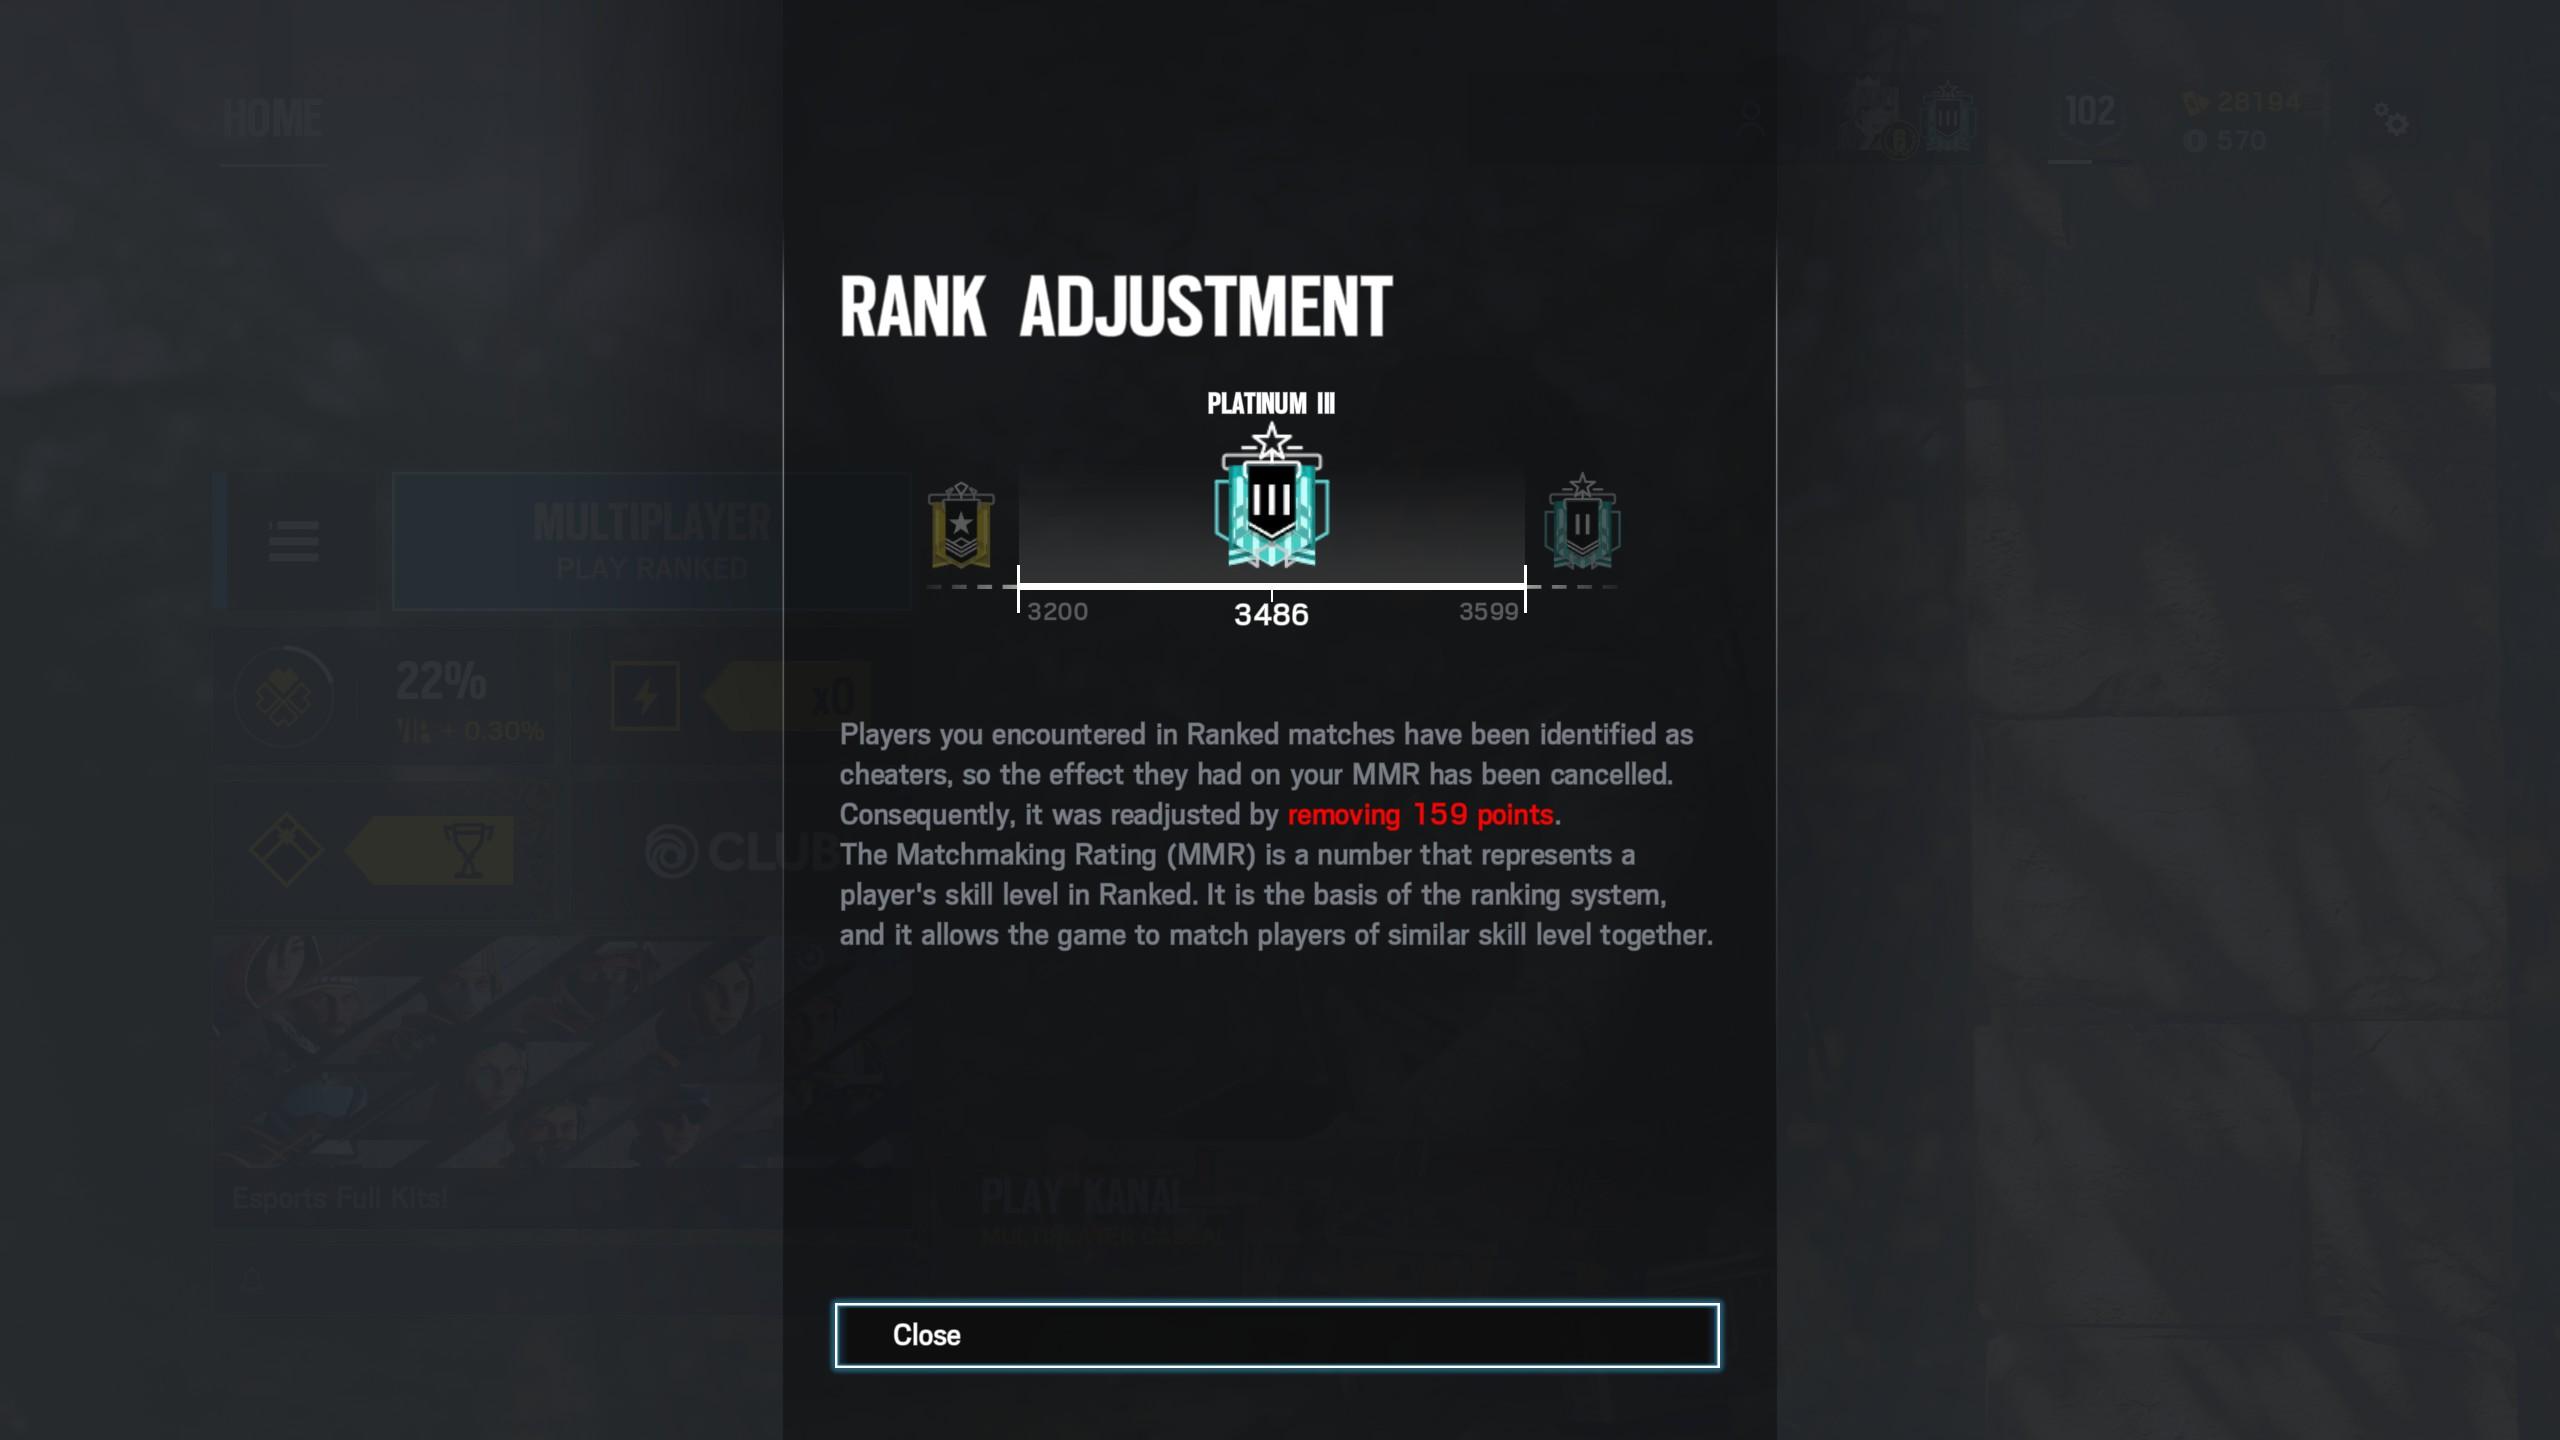 Rainbow Six Siege ranked adjustment, © Ubisoft